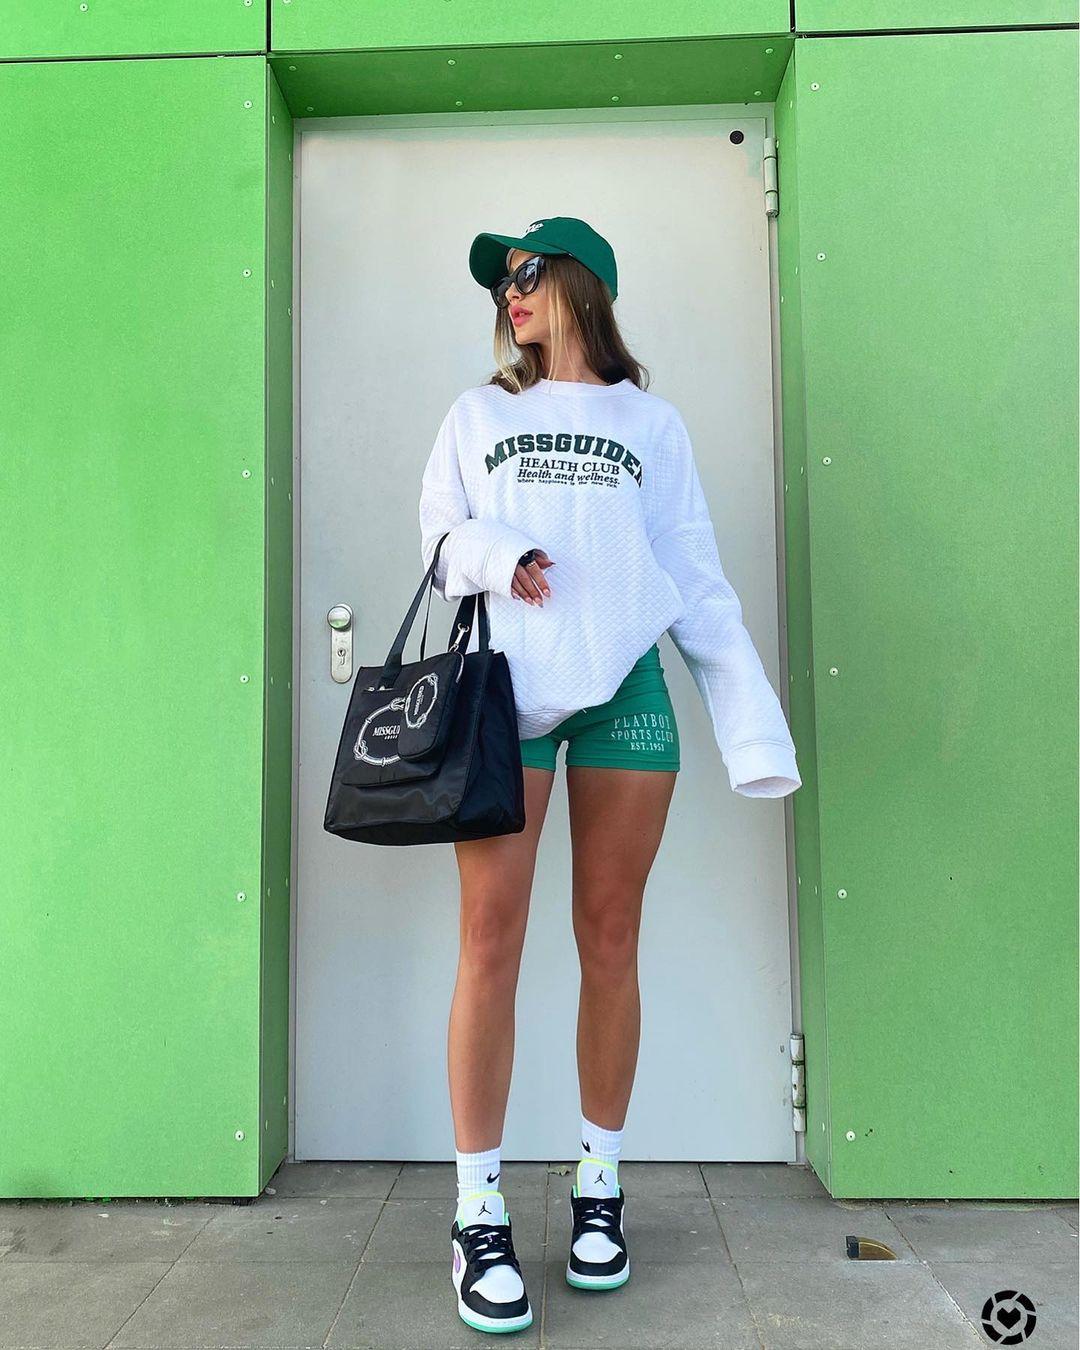 Ngoài chân váy tennis, kiểu quần biker shorts cũng được các cô gái Âu Mỹ chuộng phong cách thể thao yêu thích năm nay.